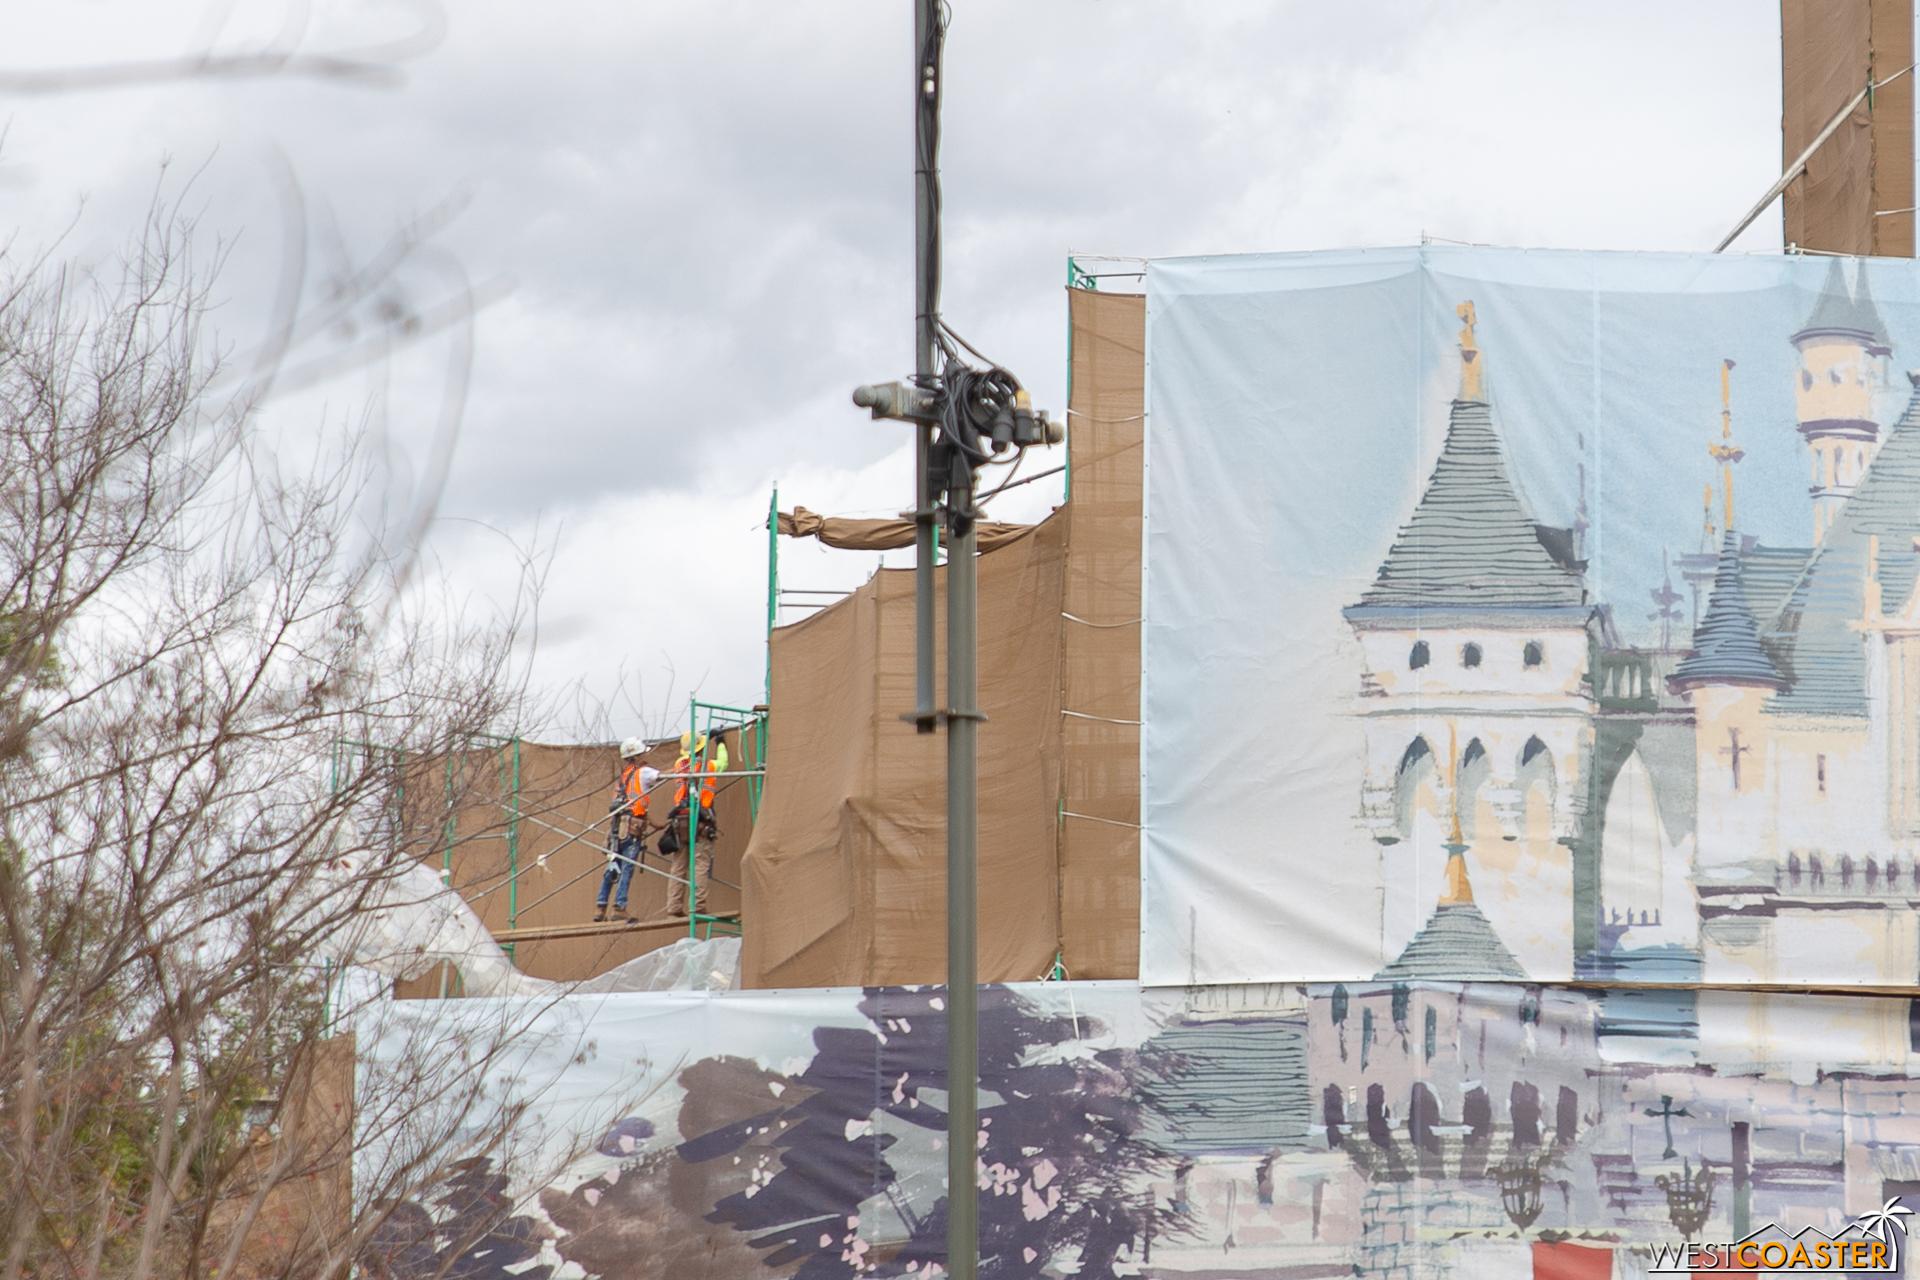 Westcoaster Disneyland Update 2-19-39.jpg